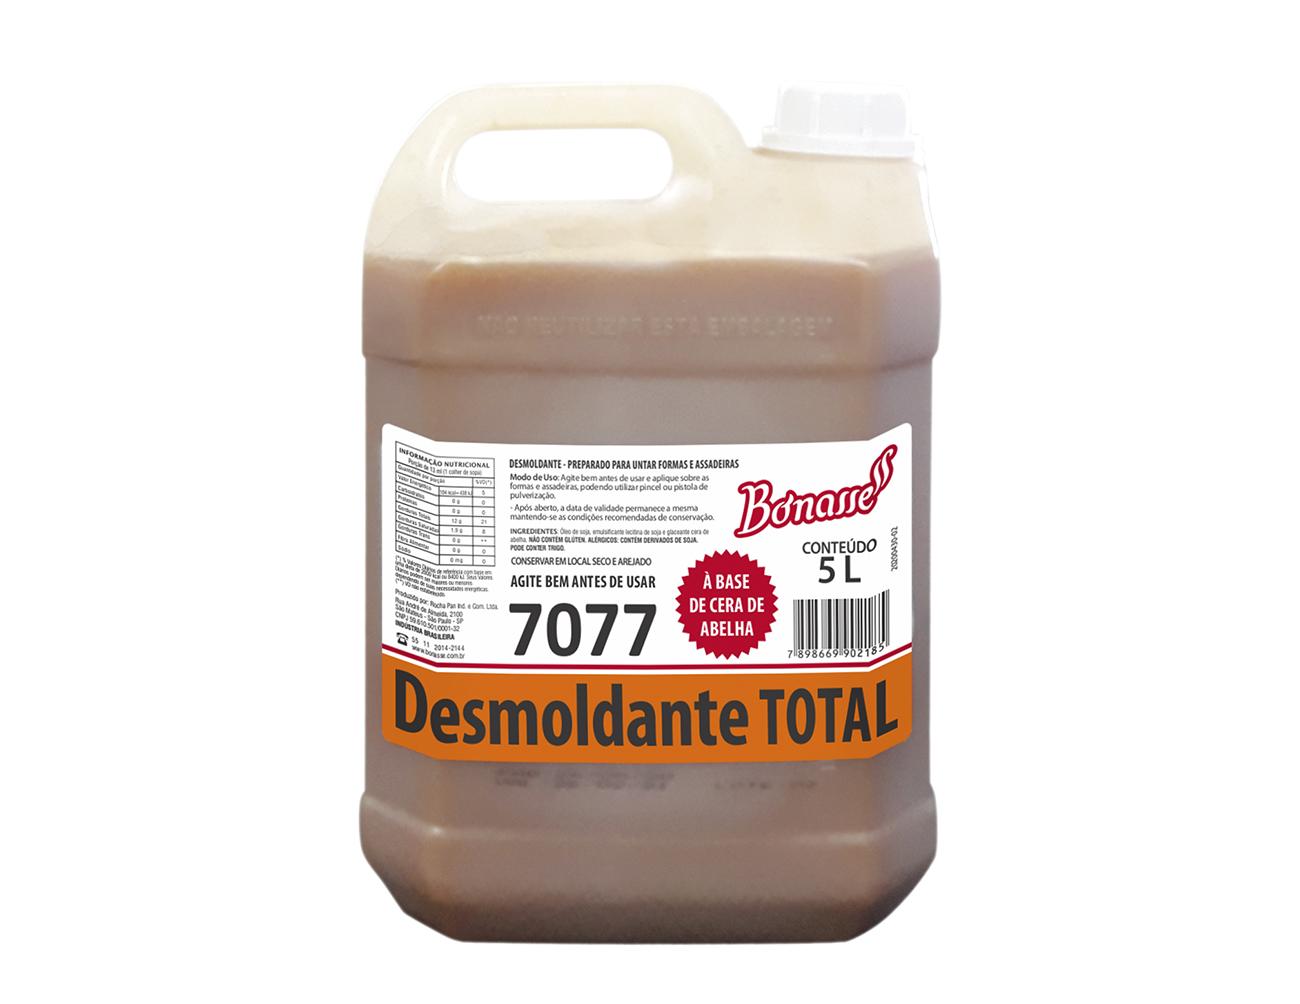 Desmoldante Total